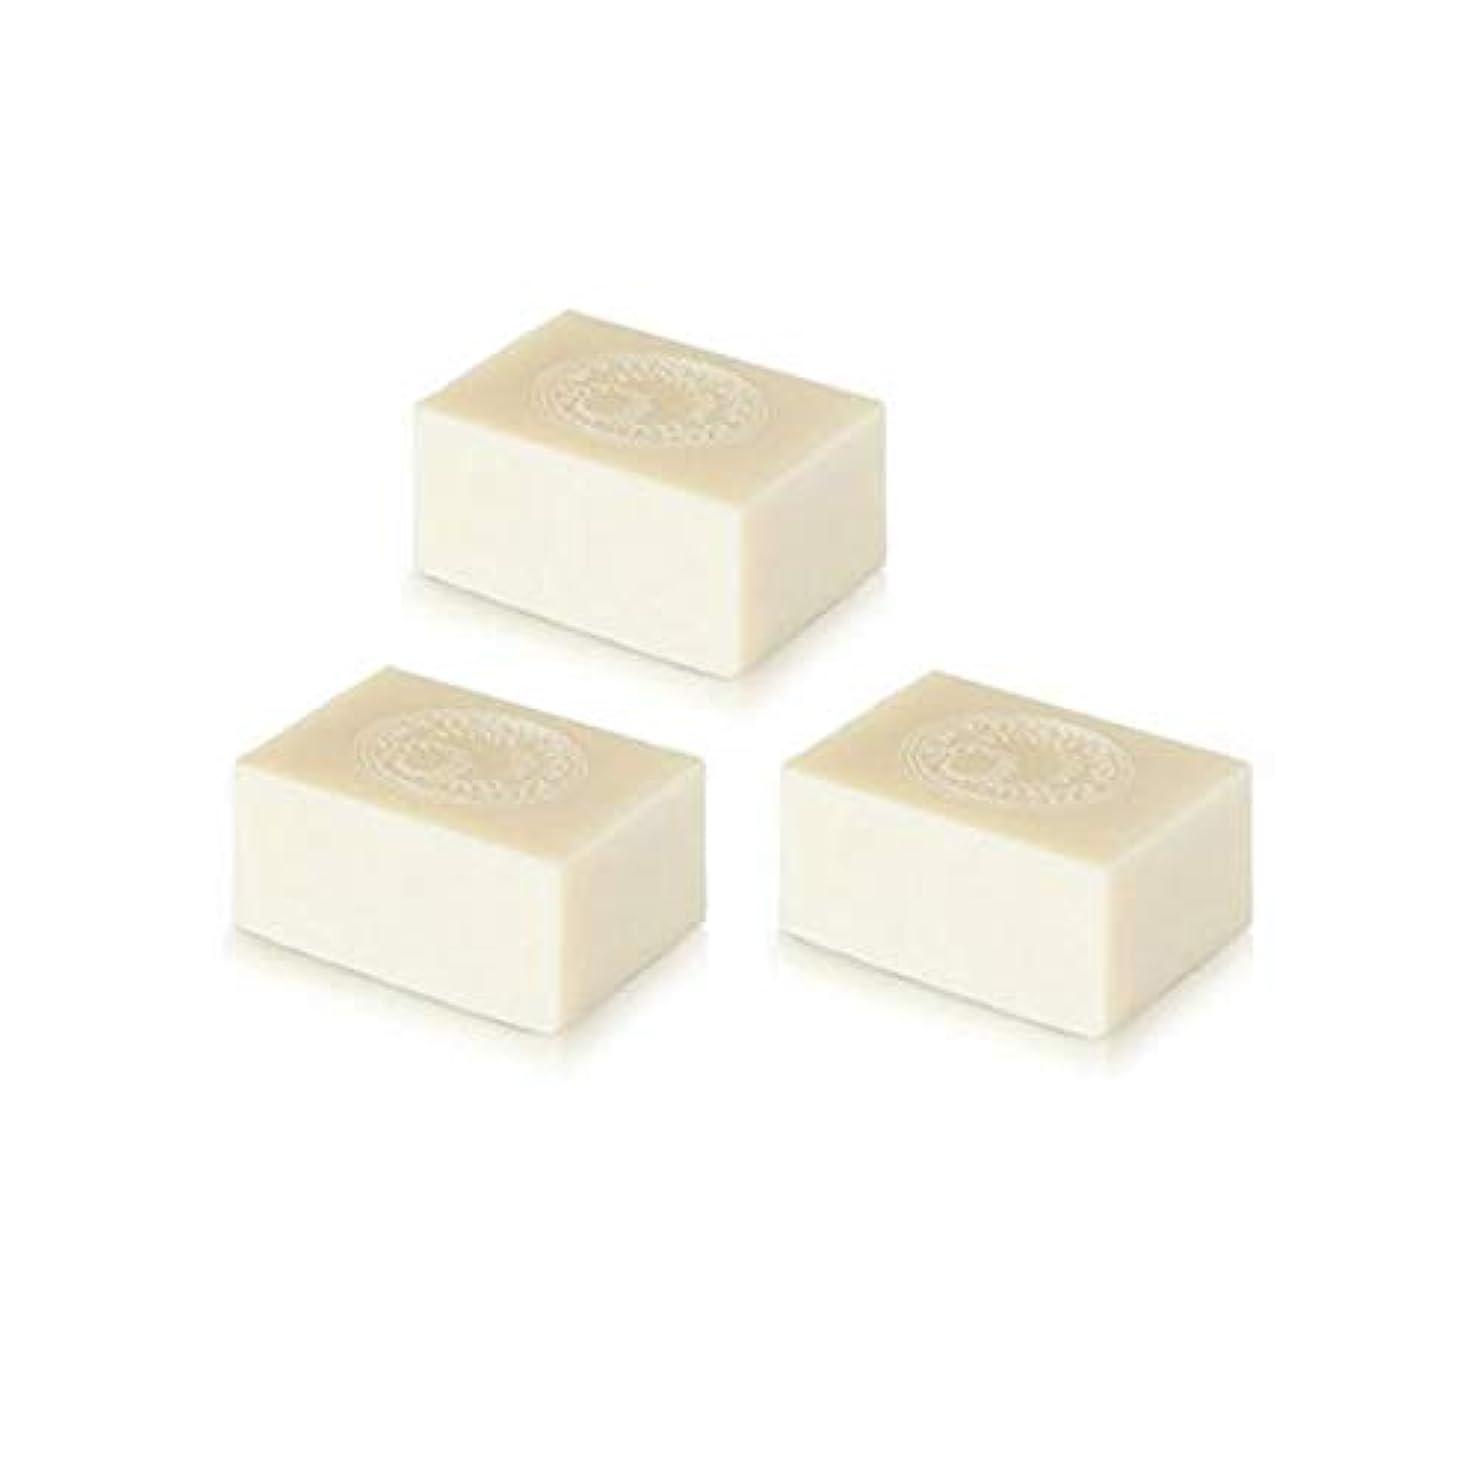 ストラトフォードオンエイボン静かな責任者アルガン石鹸3個セット( 145g ×3個) アルガンオイルの完全無添加石鹸